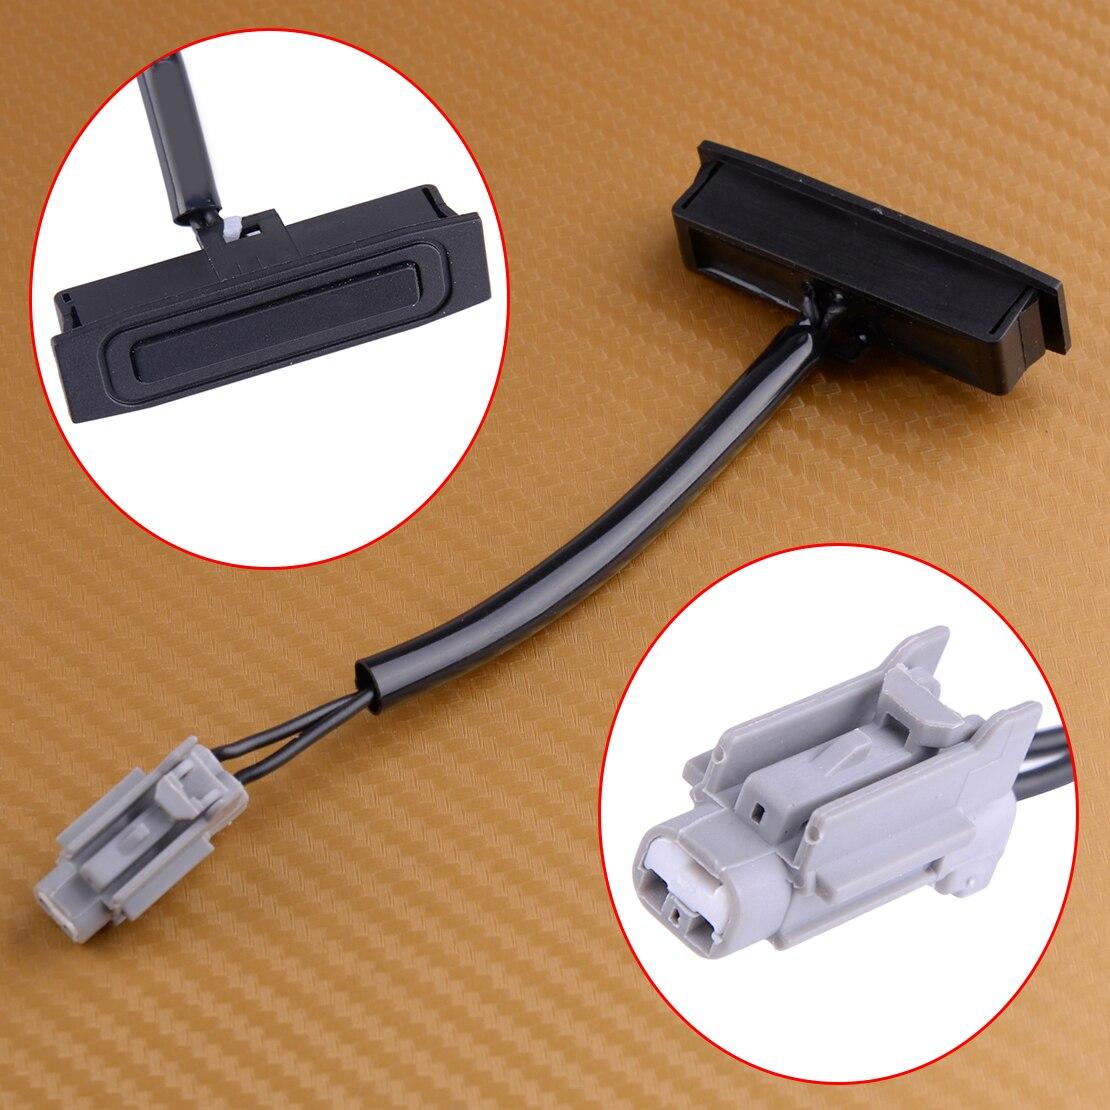 DWCX interrupteur d'ouverture de hayon de couvercle de coffre de voiture 90602-JD00B pour Nissan Qashqai J10 2006-2008 2009 2010 2011 2012 2013 2014